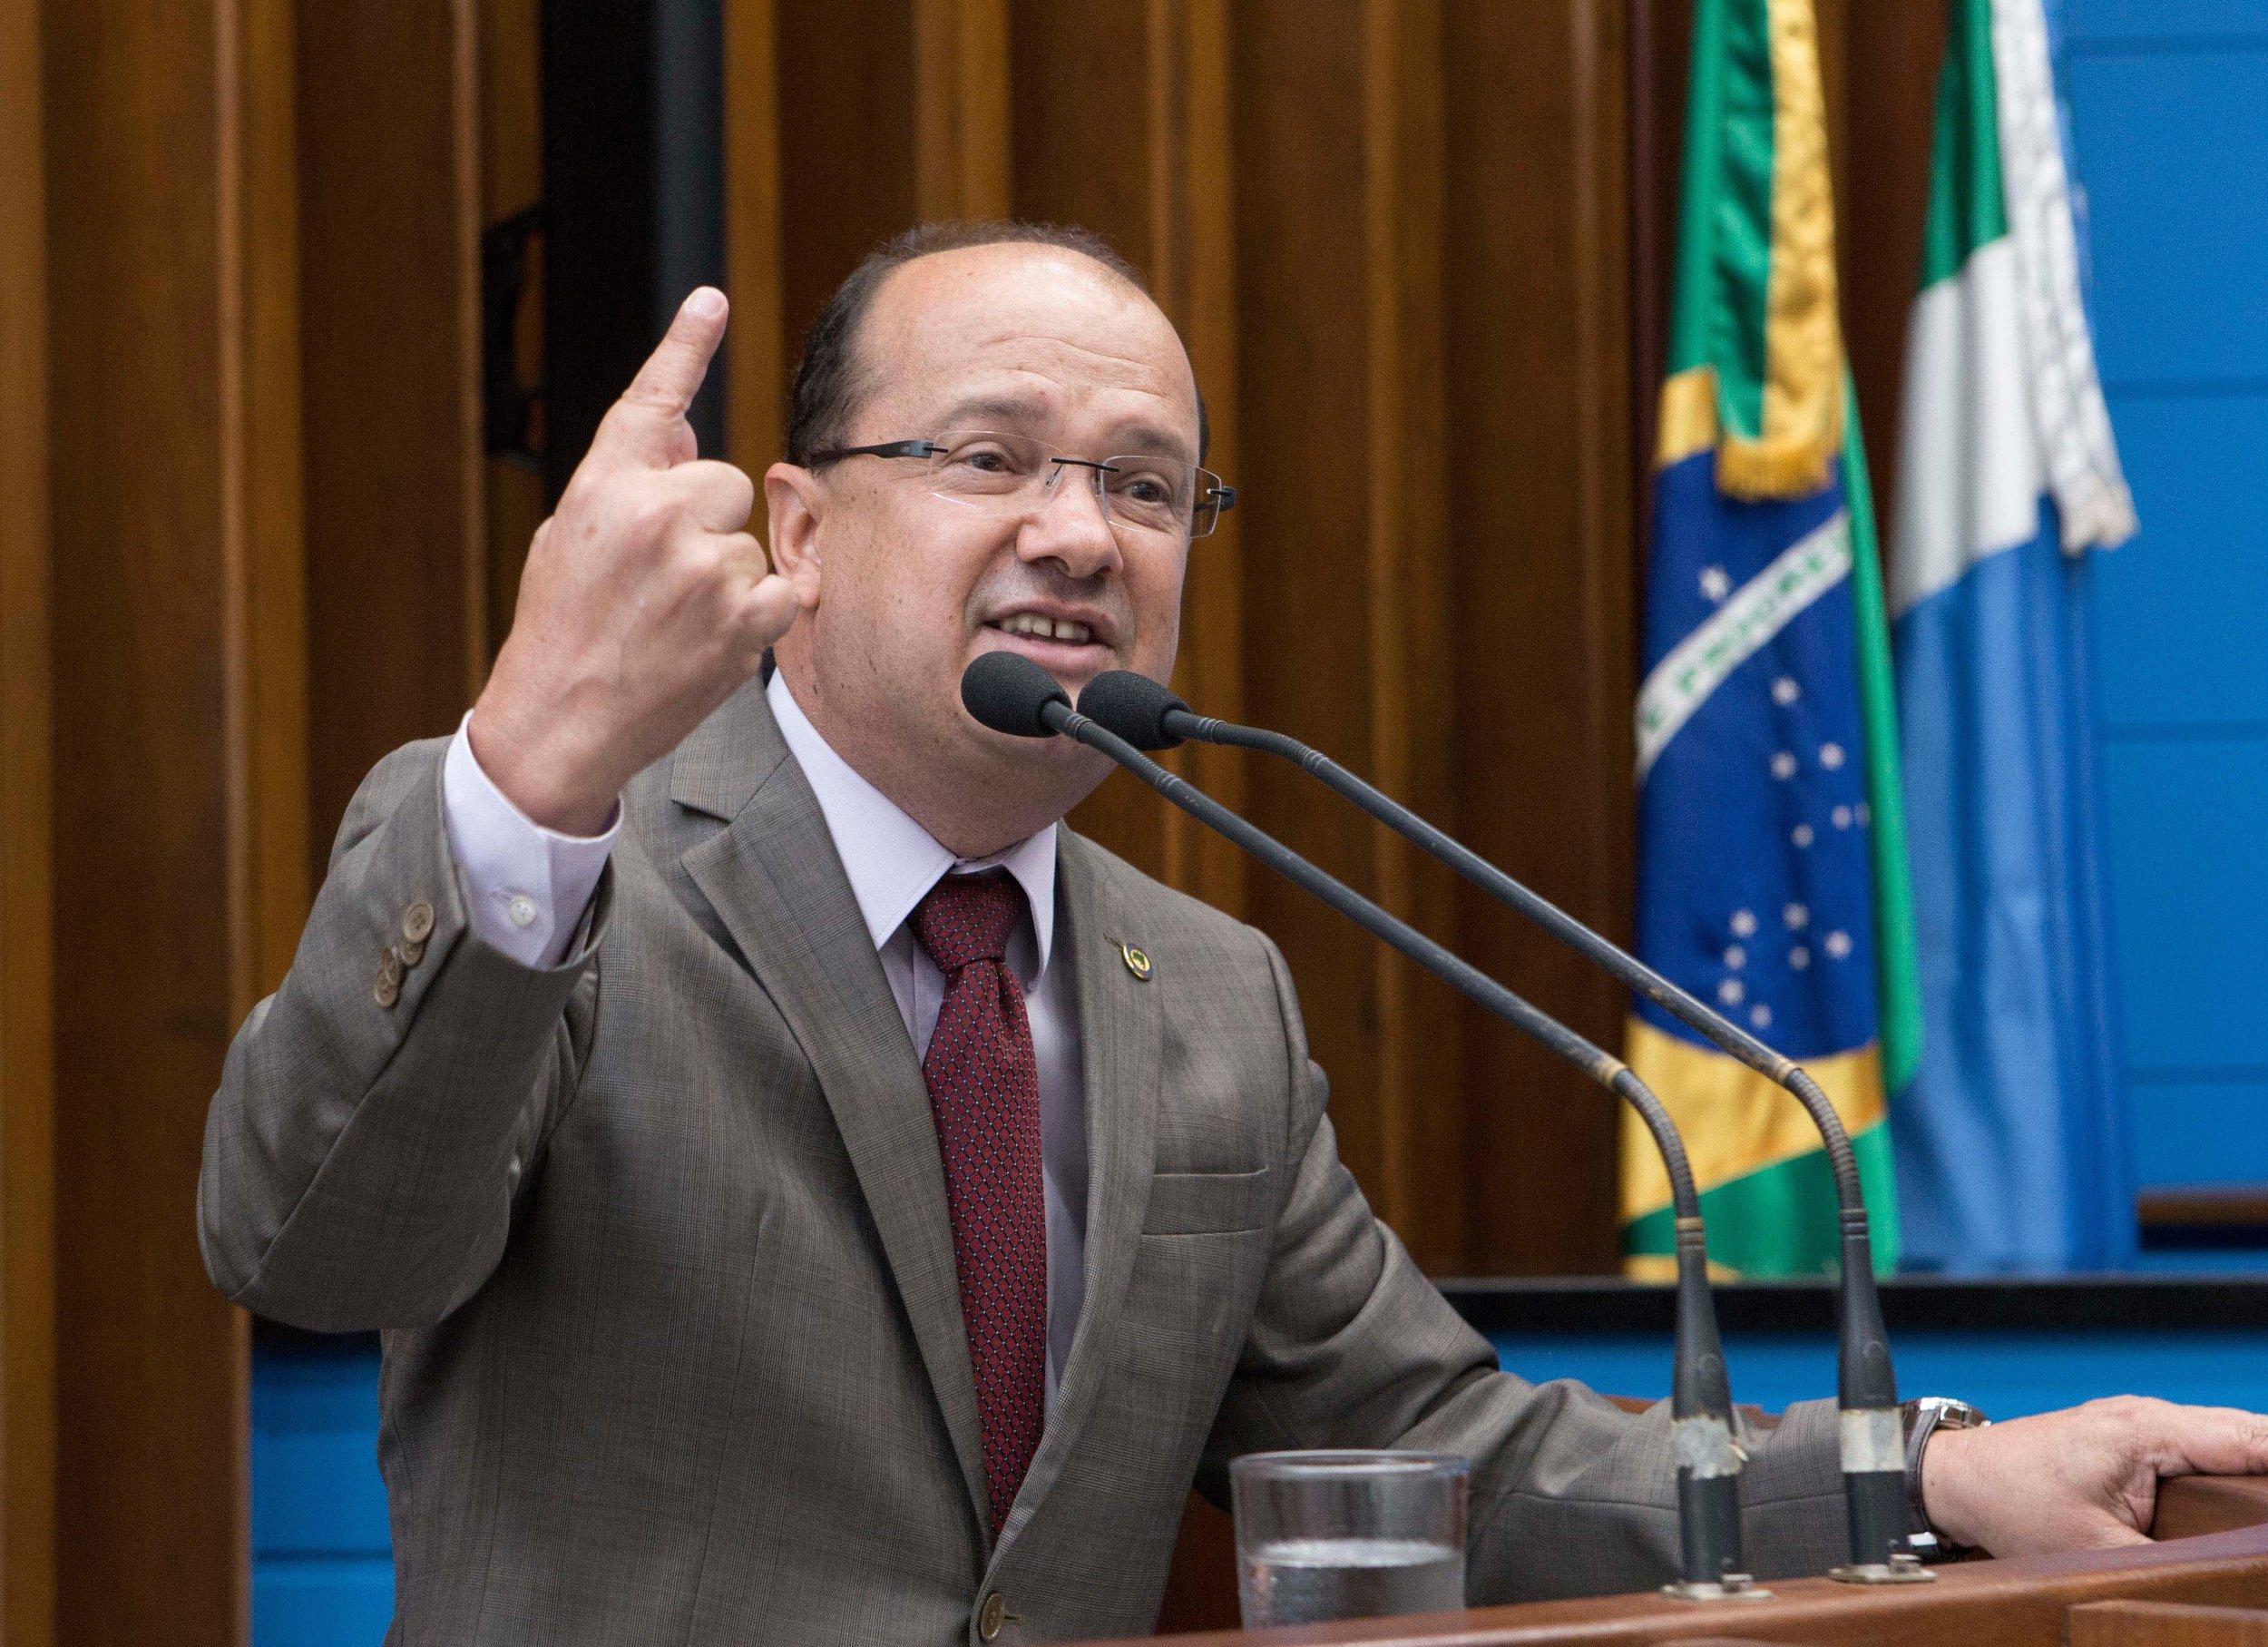 Deputado Barbosinha critica MP que permite privatização de empresas de saneamento. Foto: João Garrigó